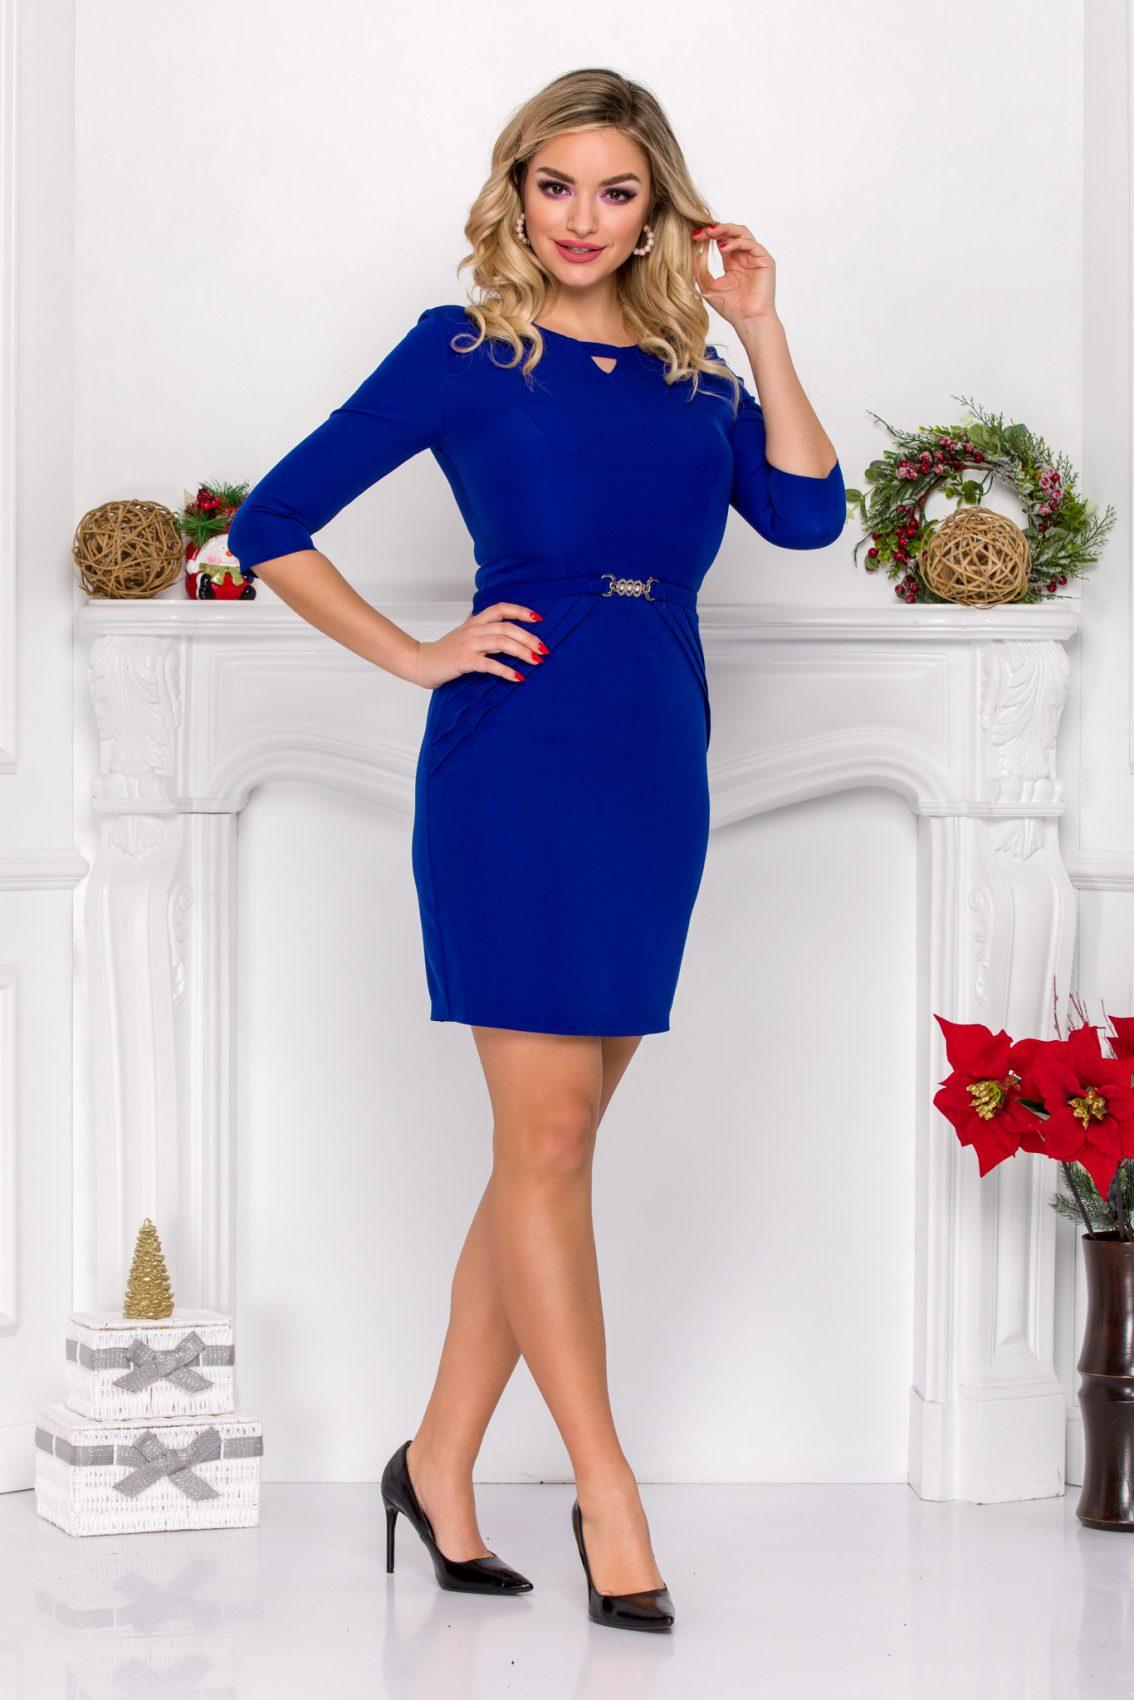 Μπλε Ρουά Μίνι Φόρεμα Harlett 9132 2